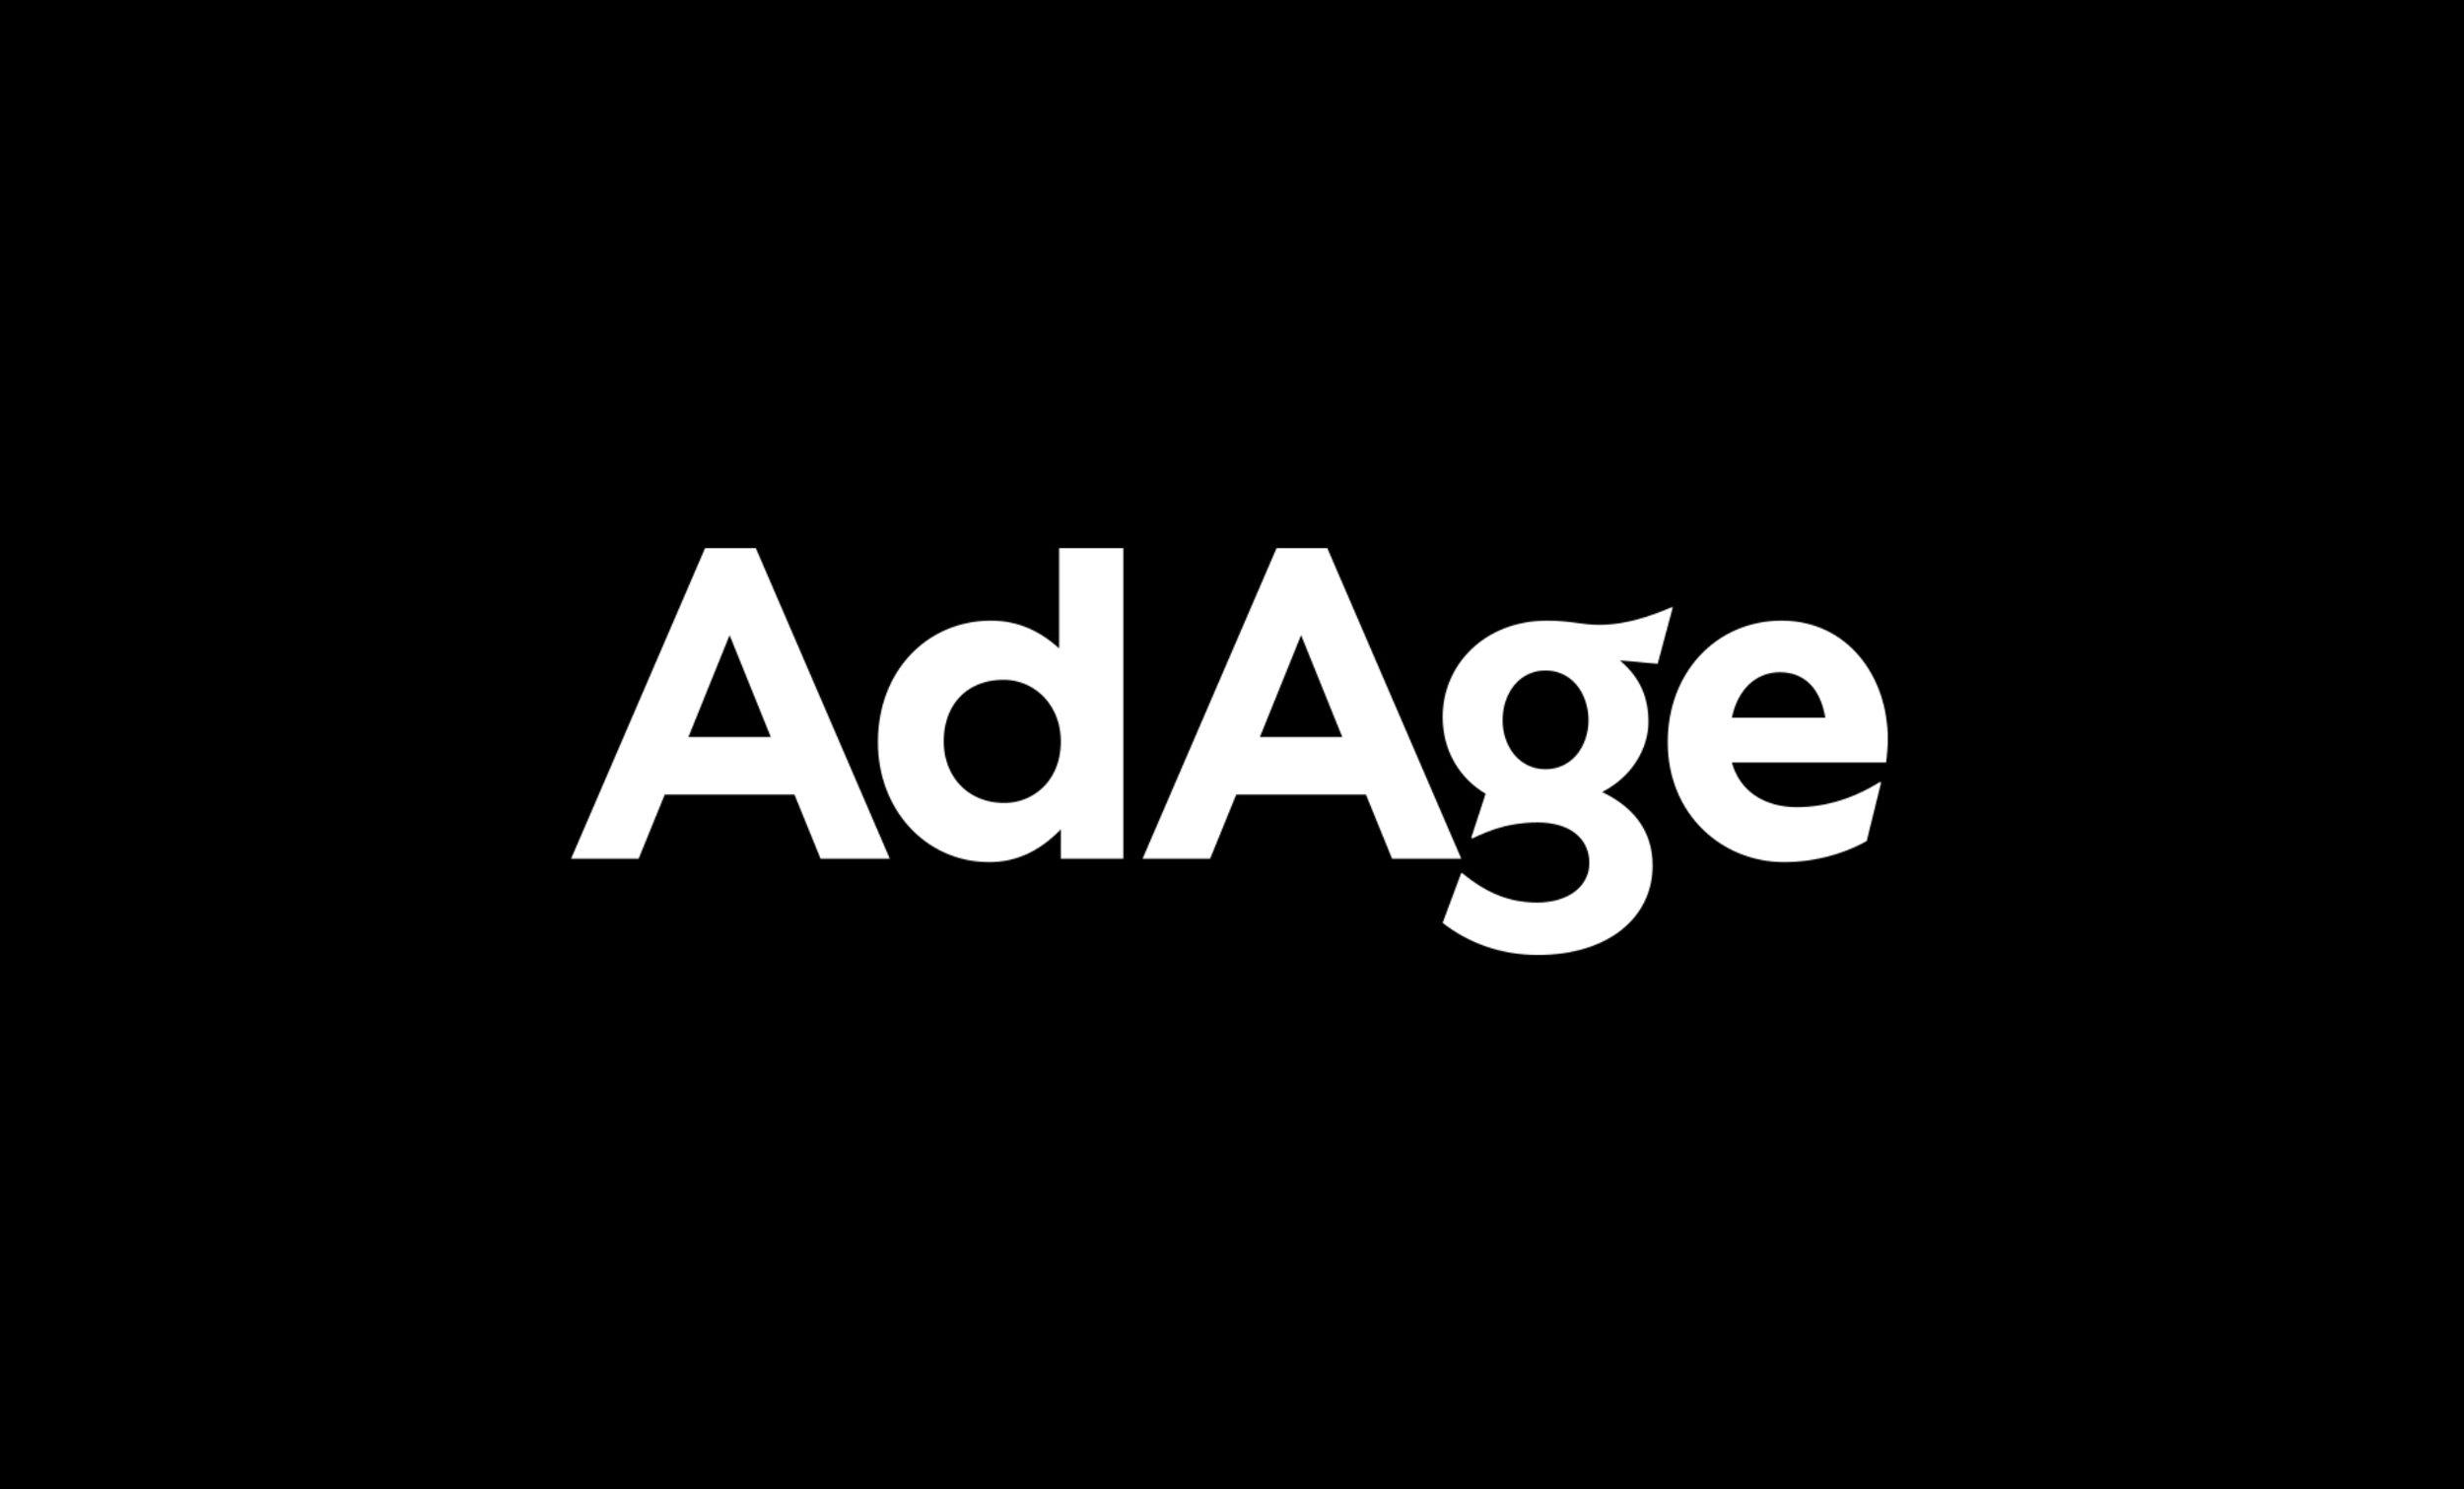 adage2.jpg